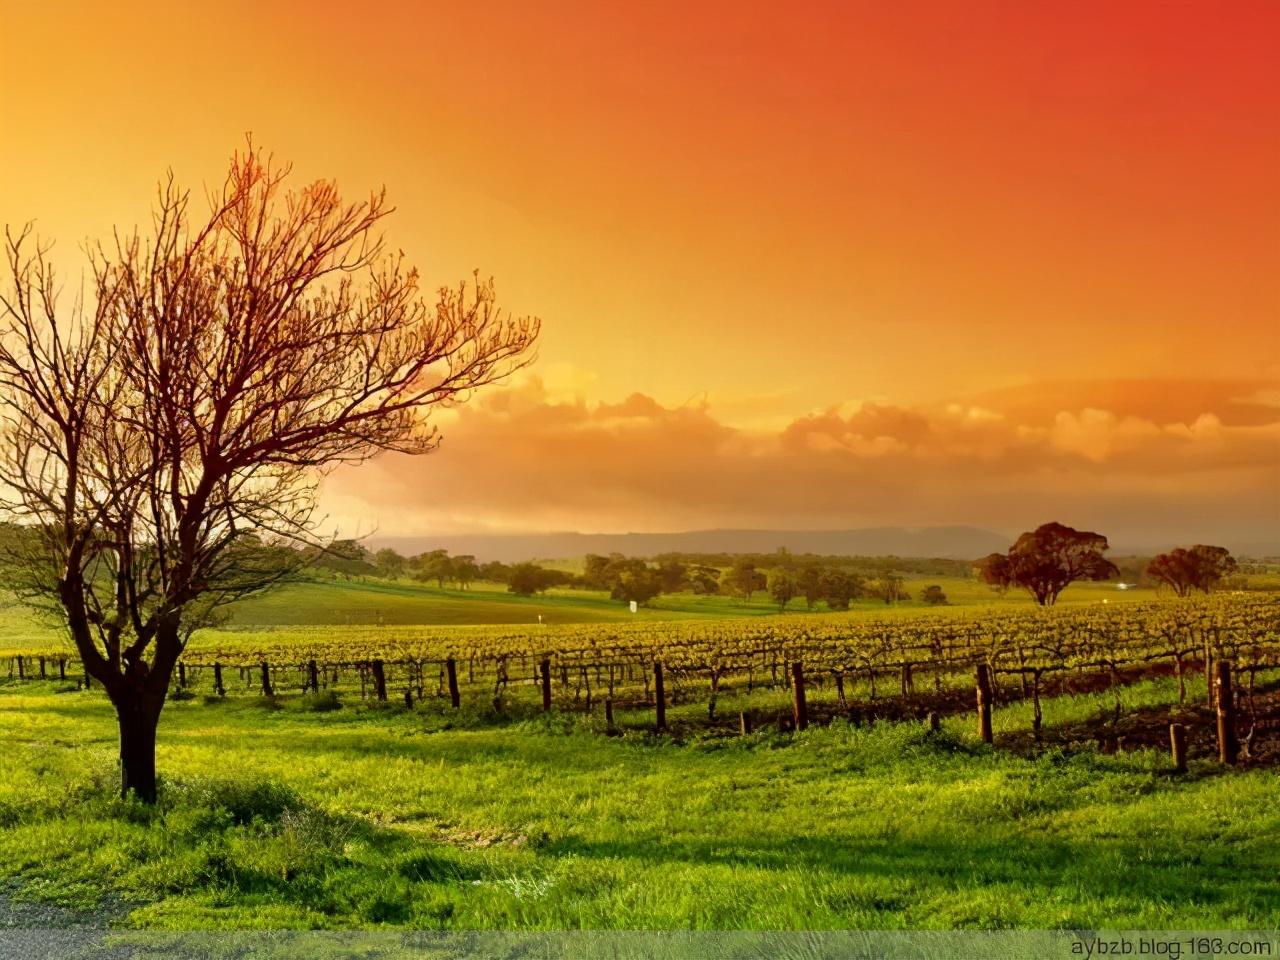 生死有命,富贵在天:活着就是福气,别把自己逼得太紧